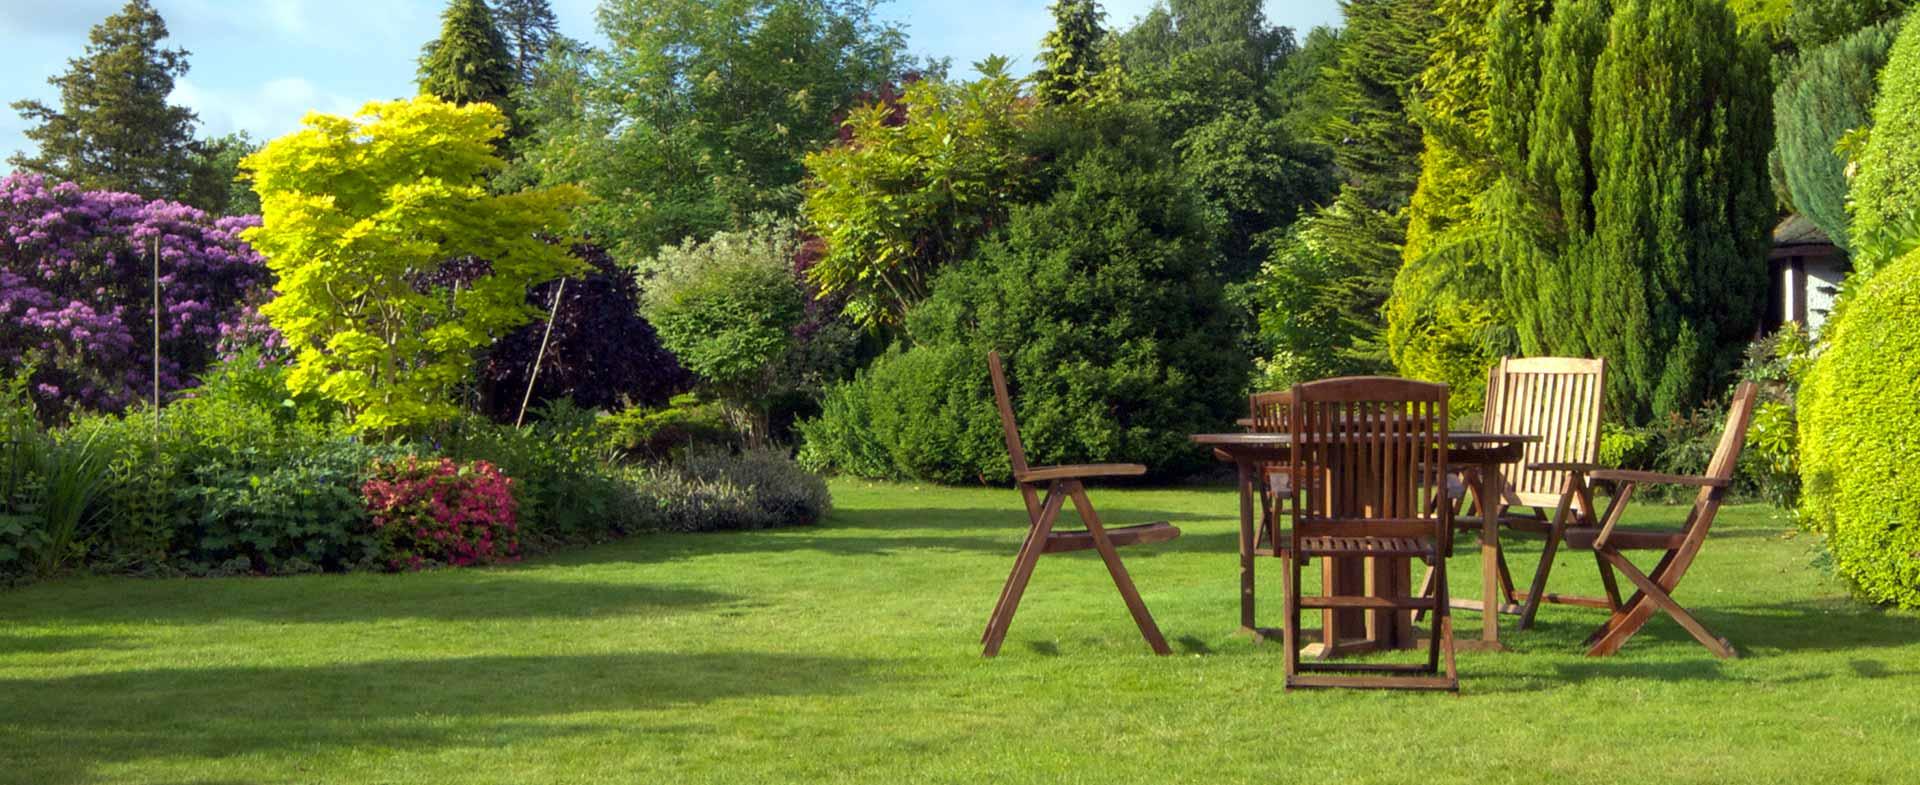 Gardeners Aldwych